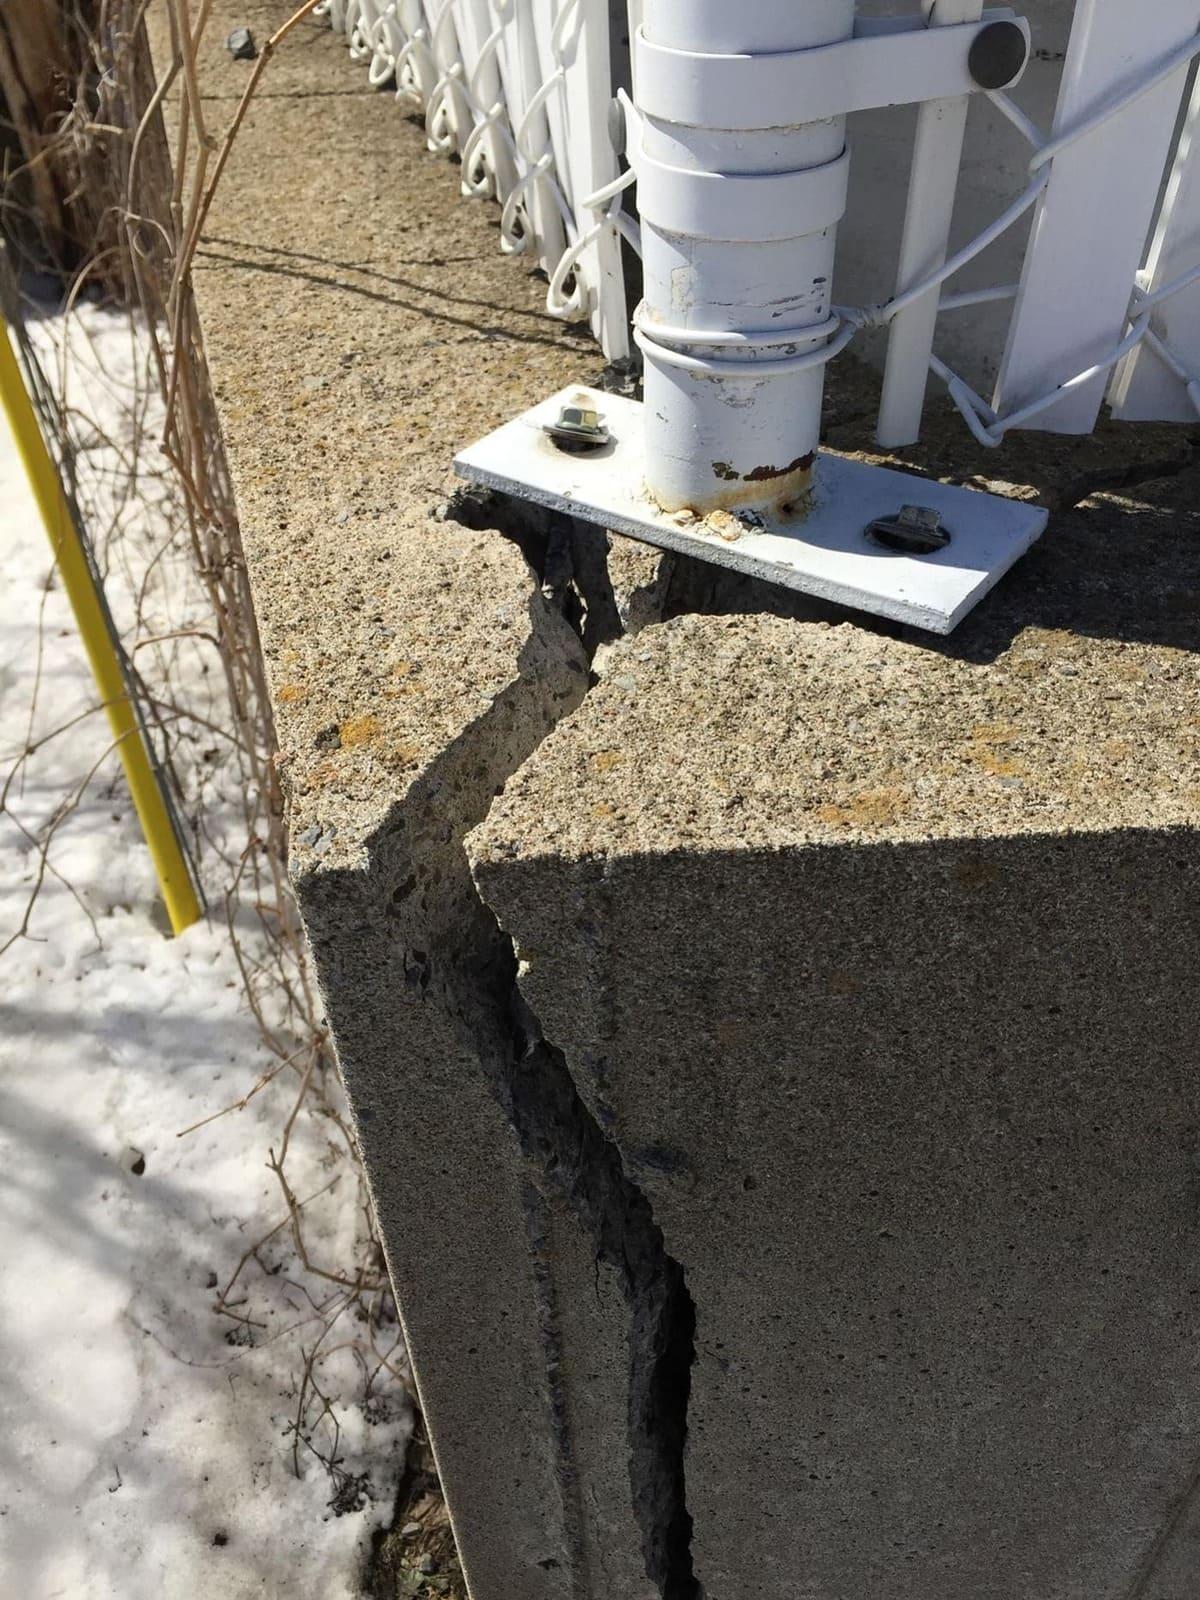 Mur de soutènement cassé, voir photo suivante pour processus de réparation